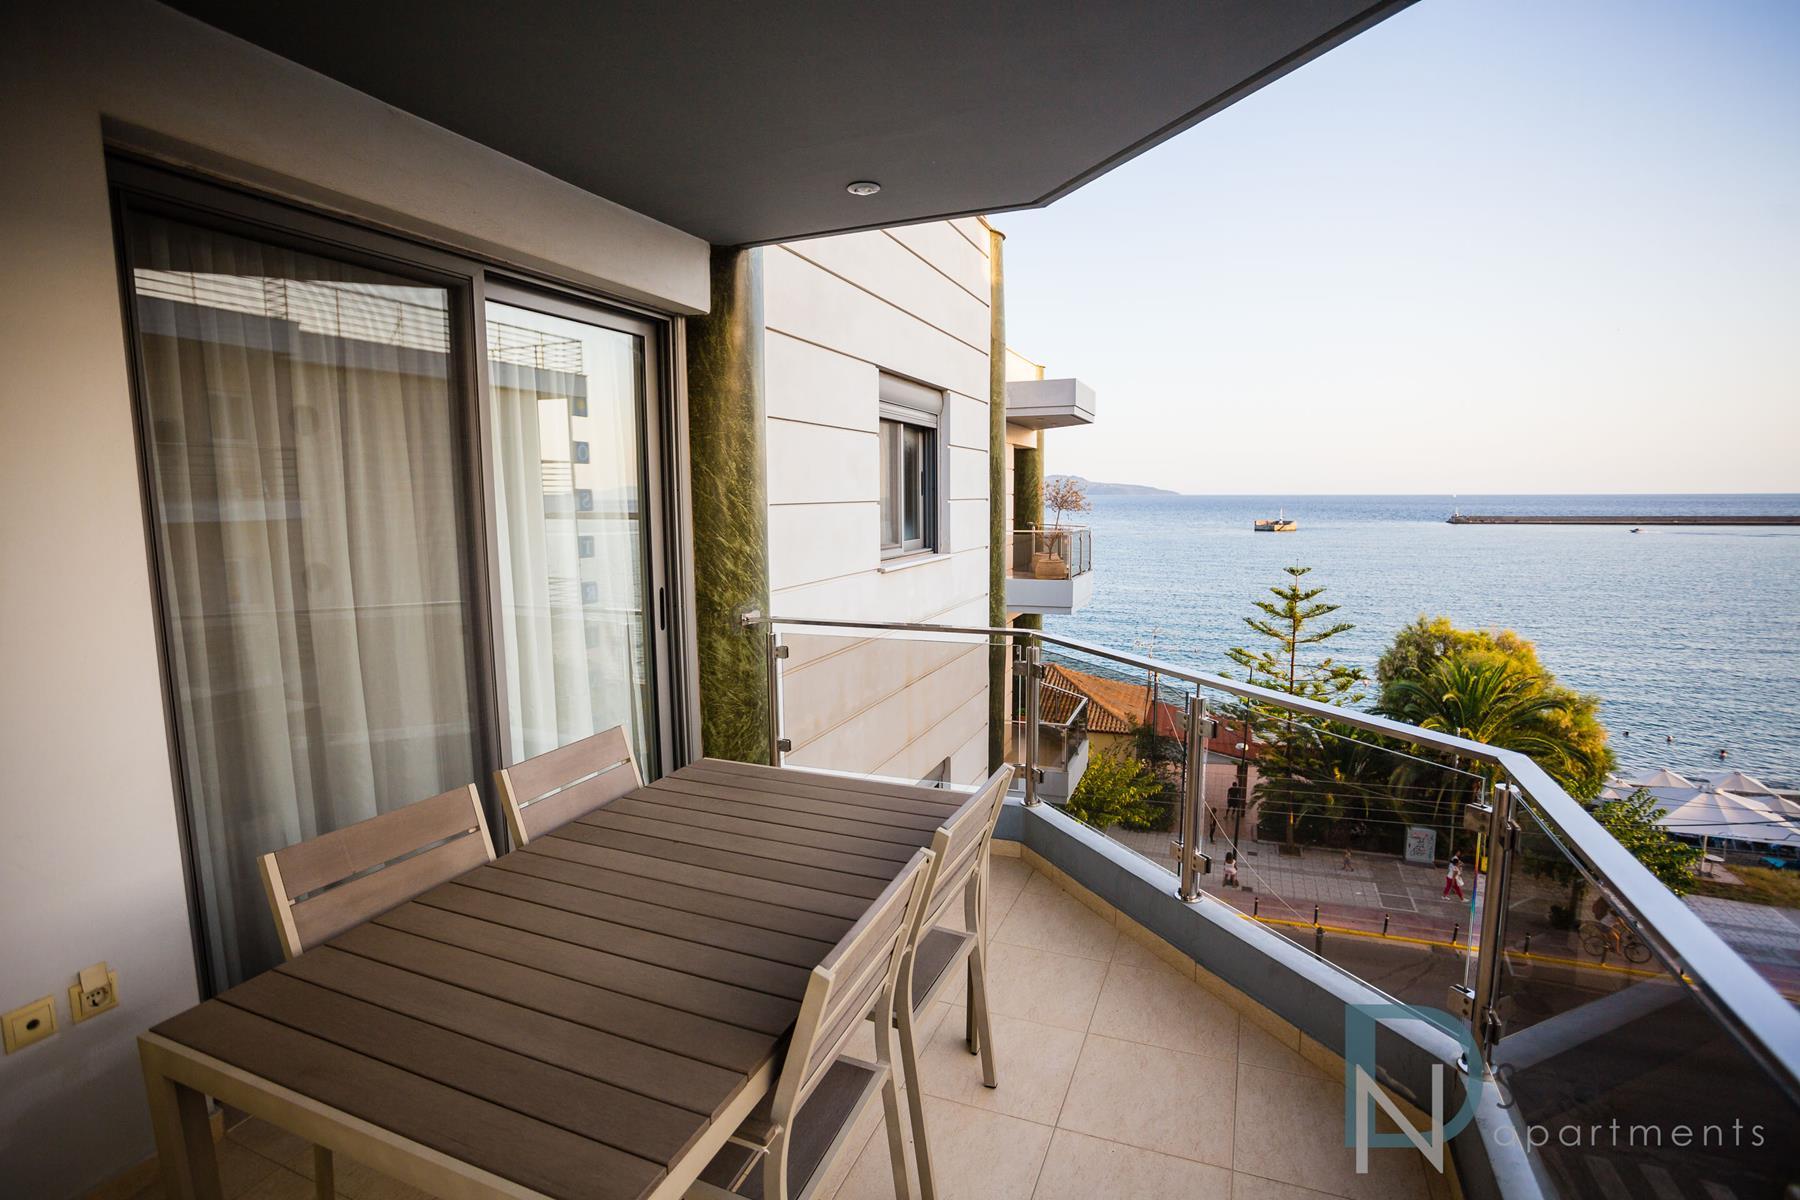 kalamata accommodation - DN Sea Apartments